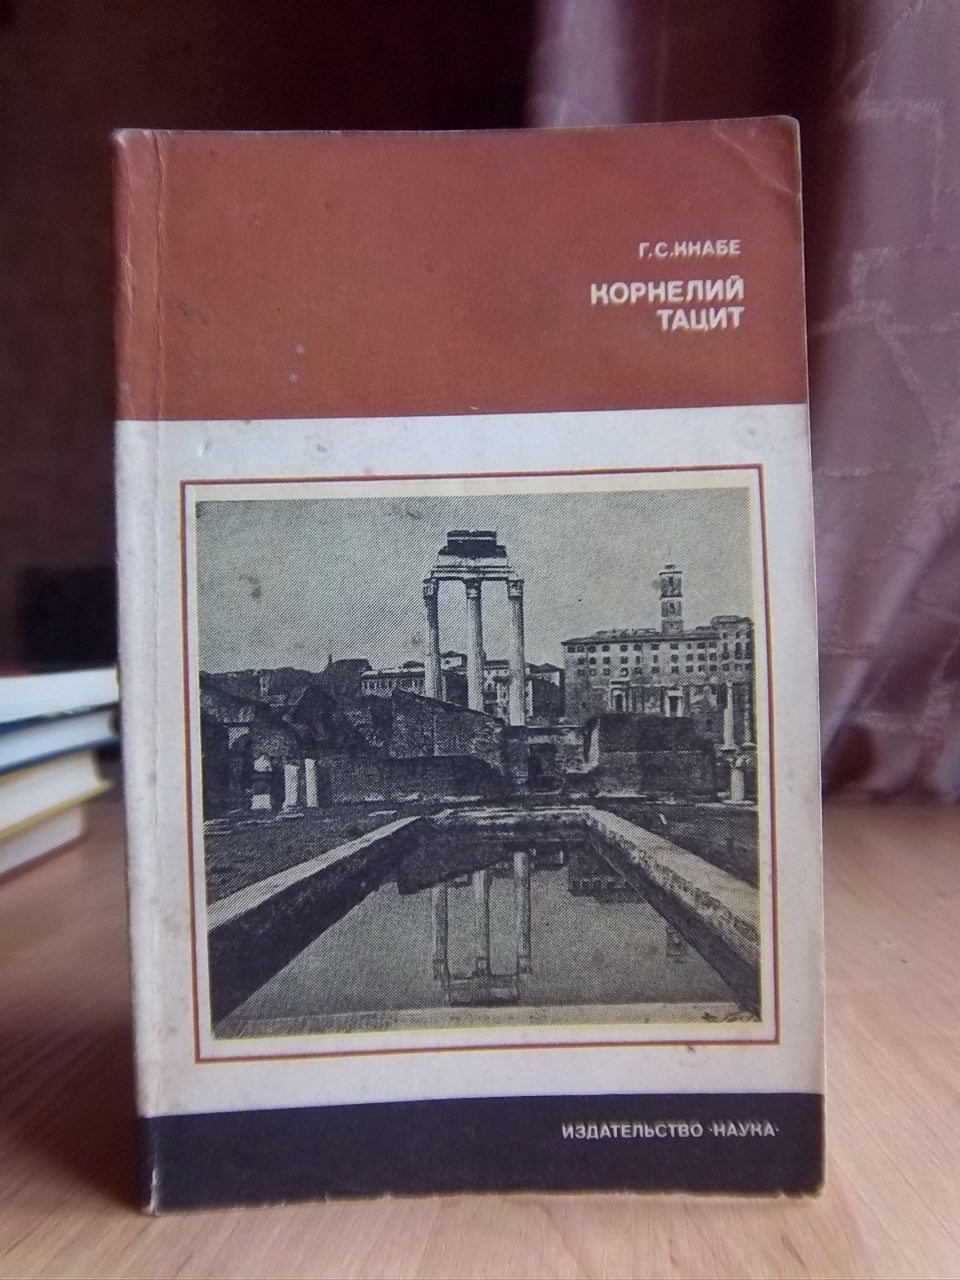 Корнелий Тацит Время Жизнь Книги